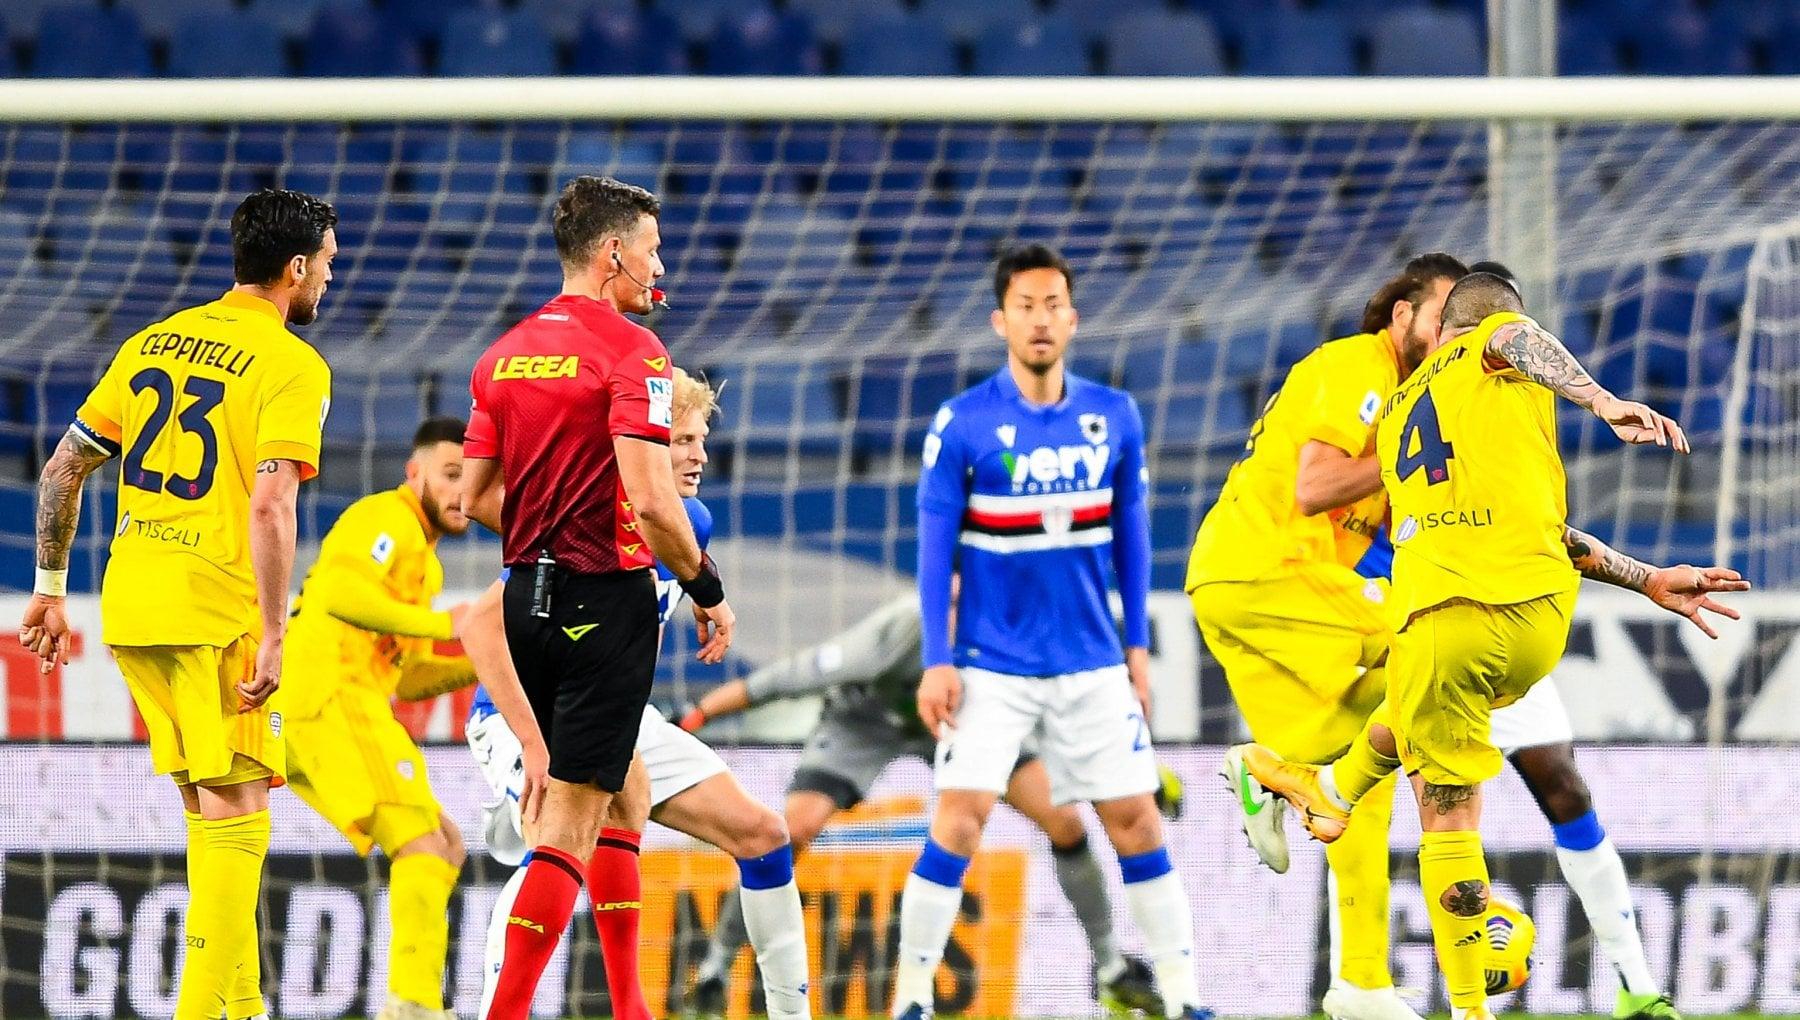 Sampdoria-Cagliari 2-2, Nainggolan rimonta i blucerchiati all'ultimo secondo